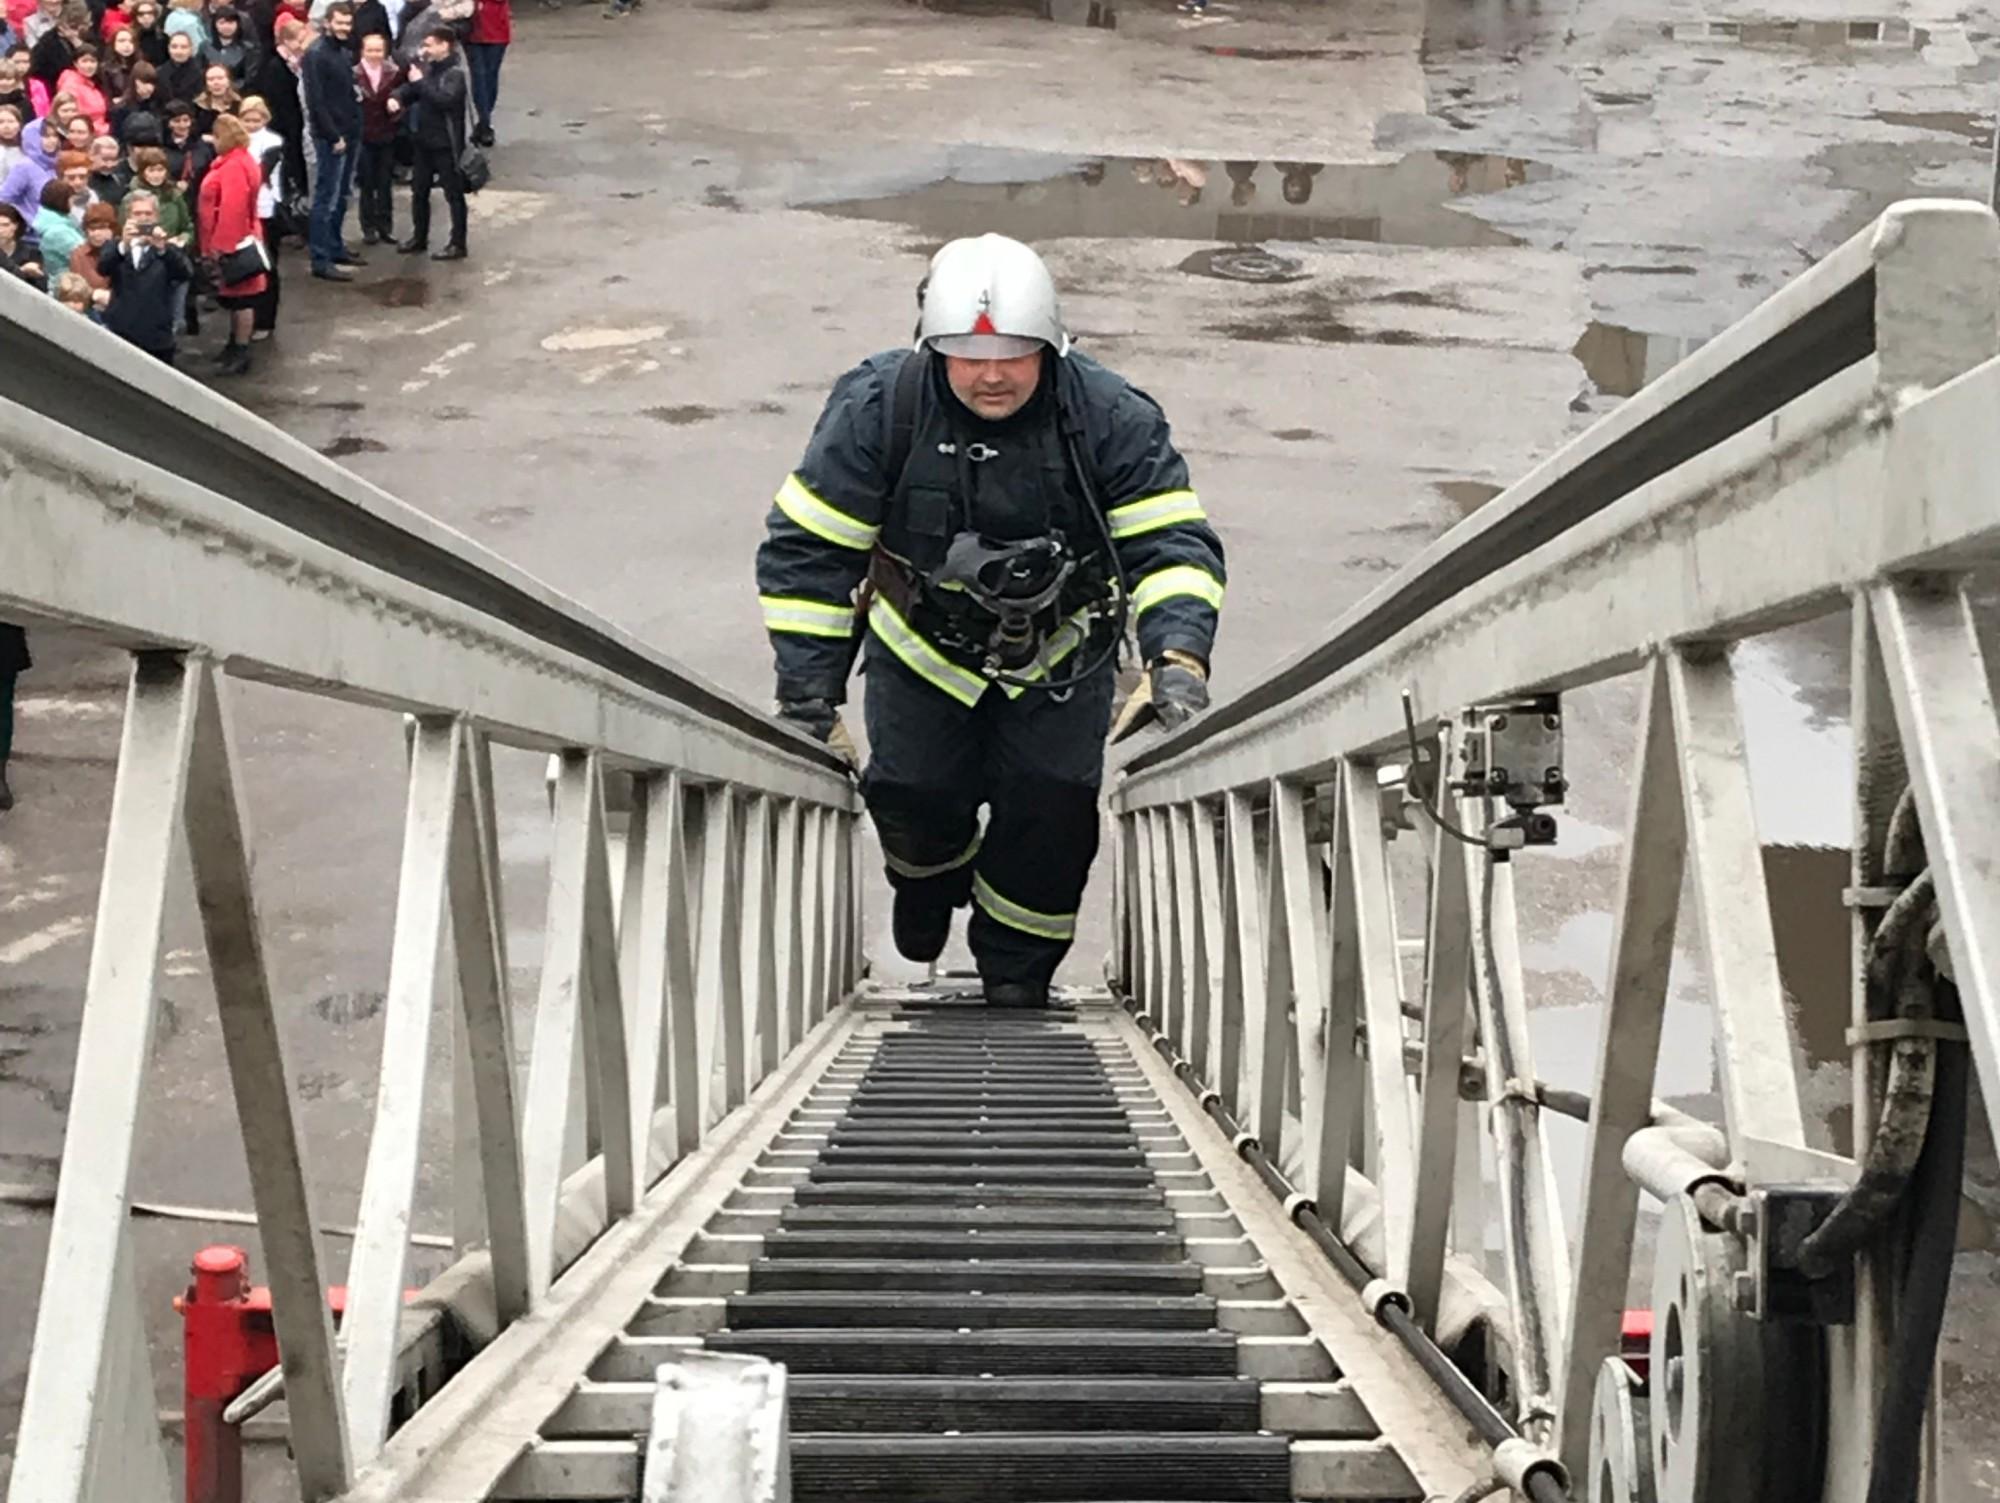 ВТверской области река вышла изберегов, терпят бедствие люди— Учения МЧС